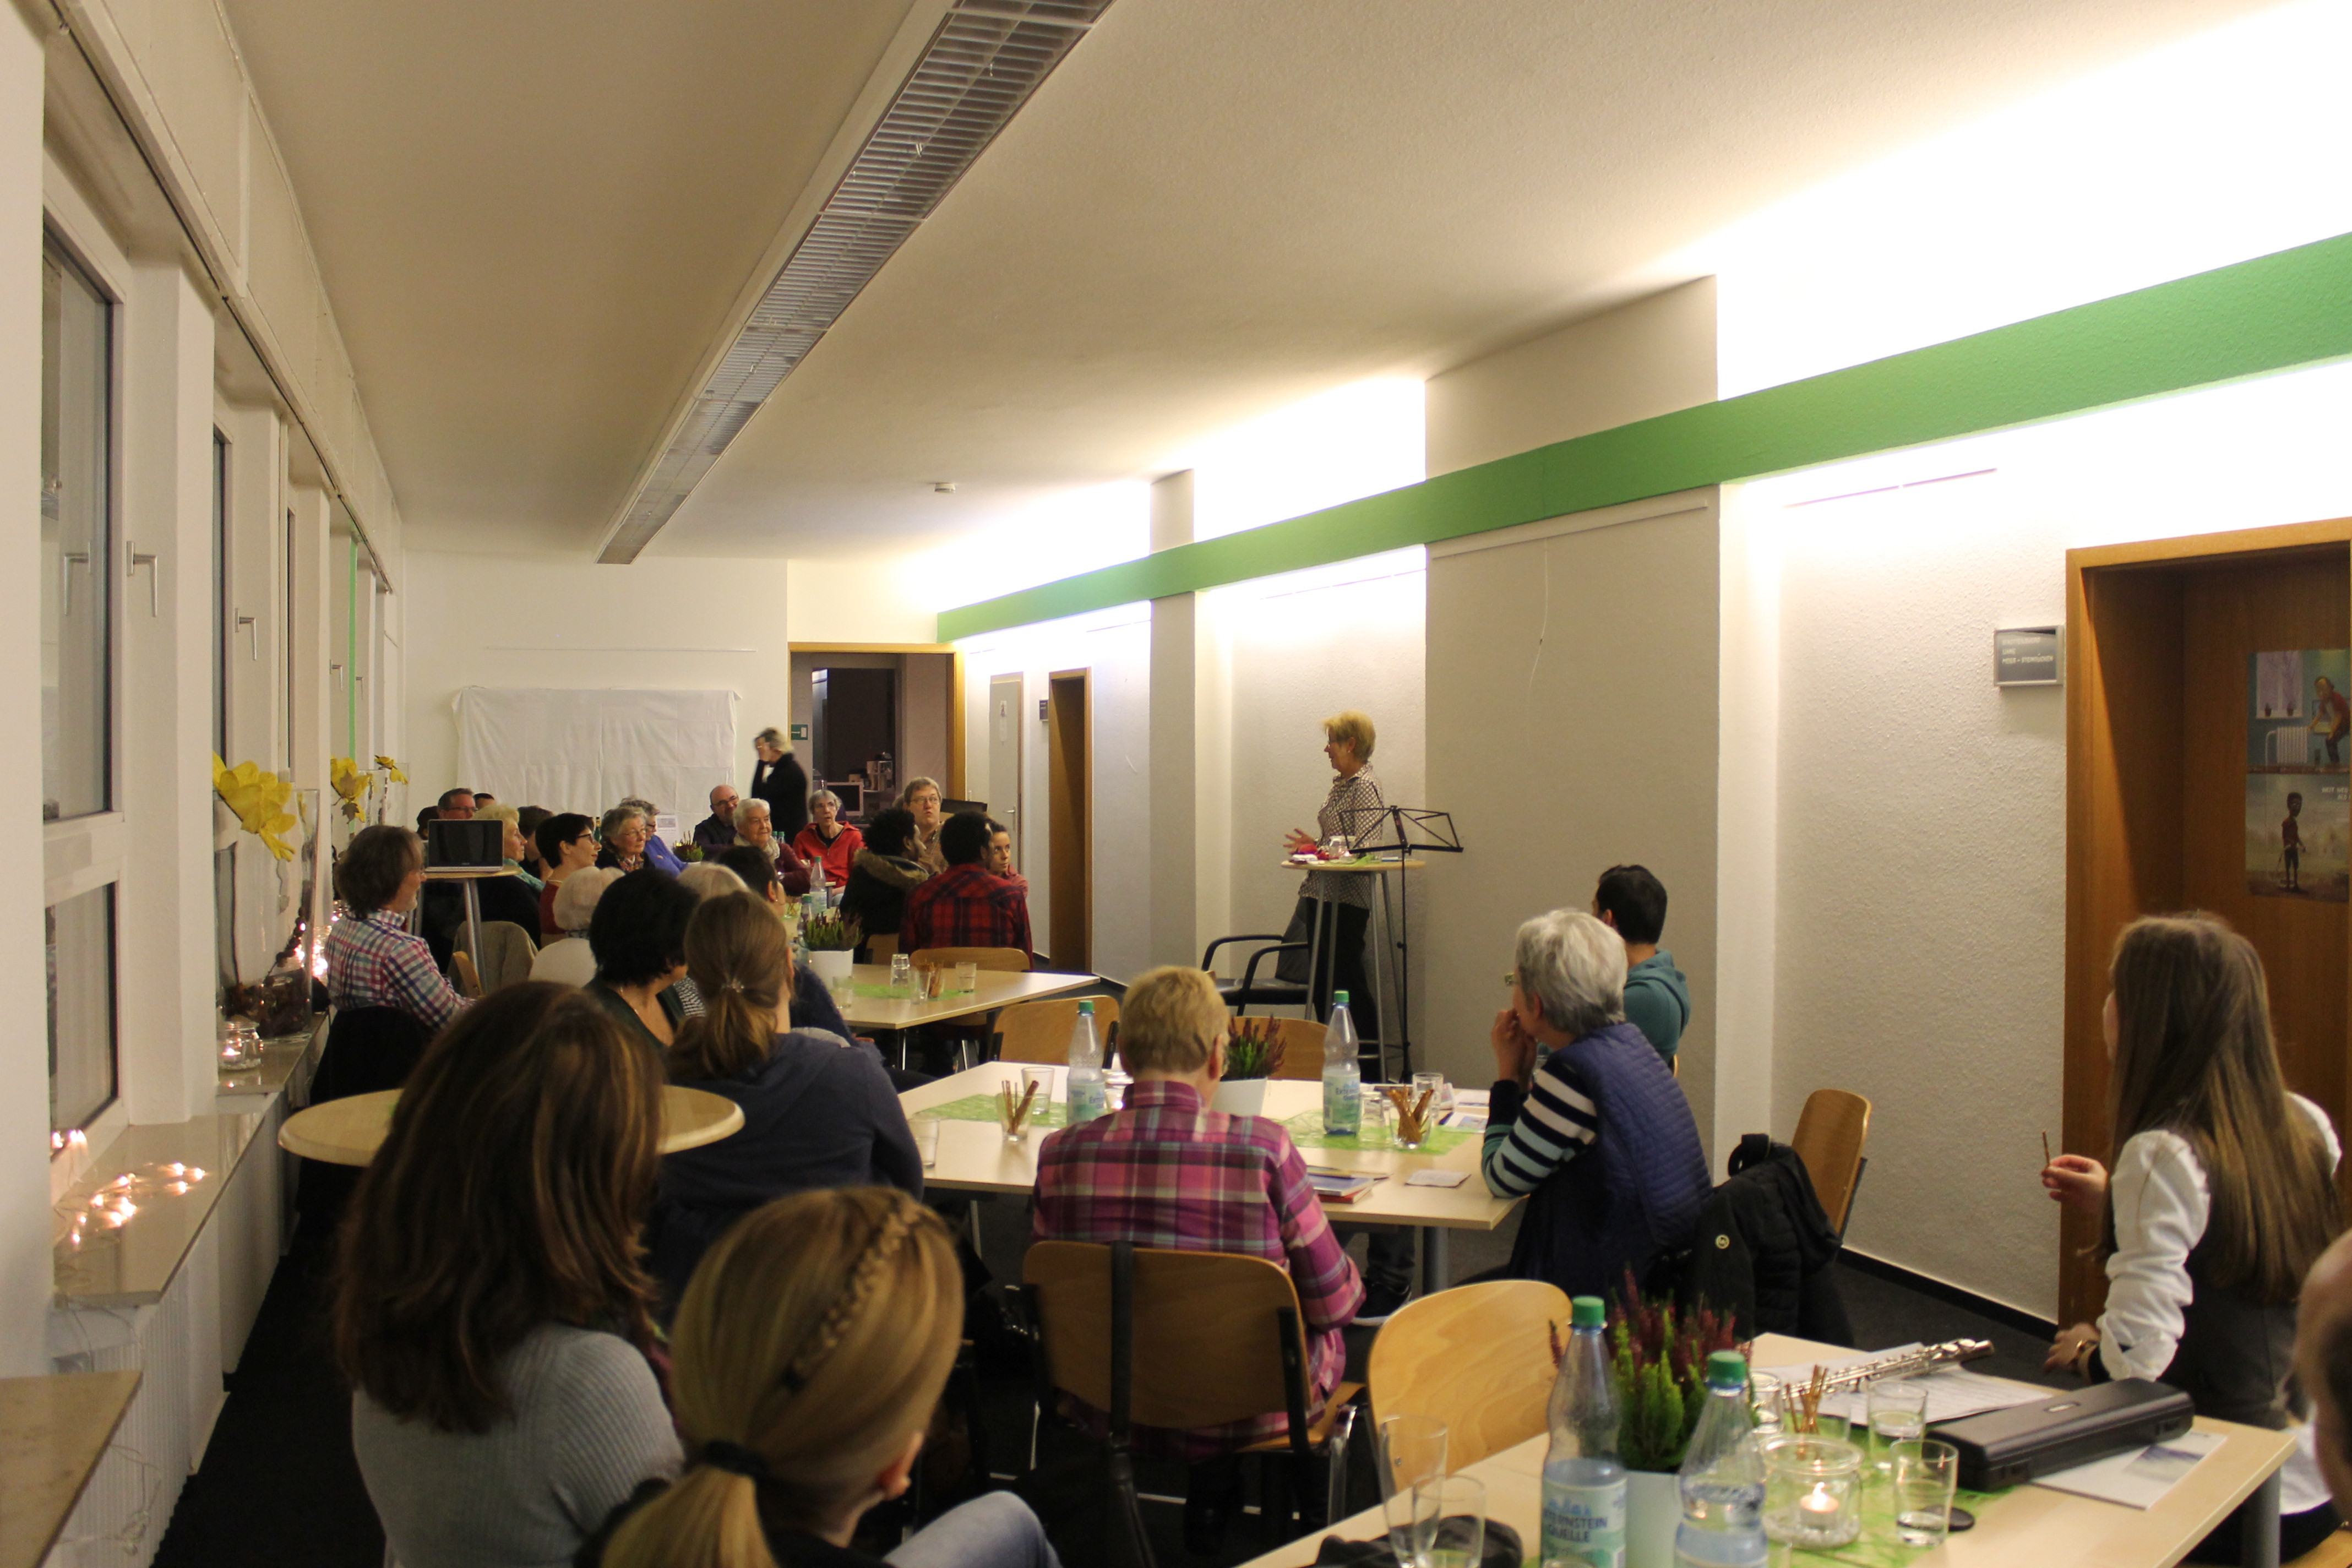 Großer Raum im MGH während der Veranstaltung, eine Teilnehmerin auf der rechten Seite